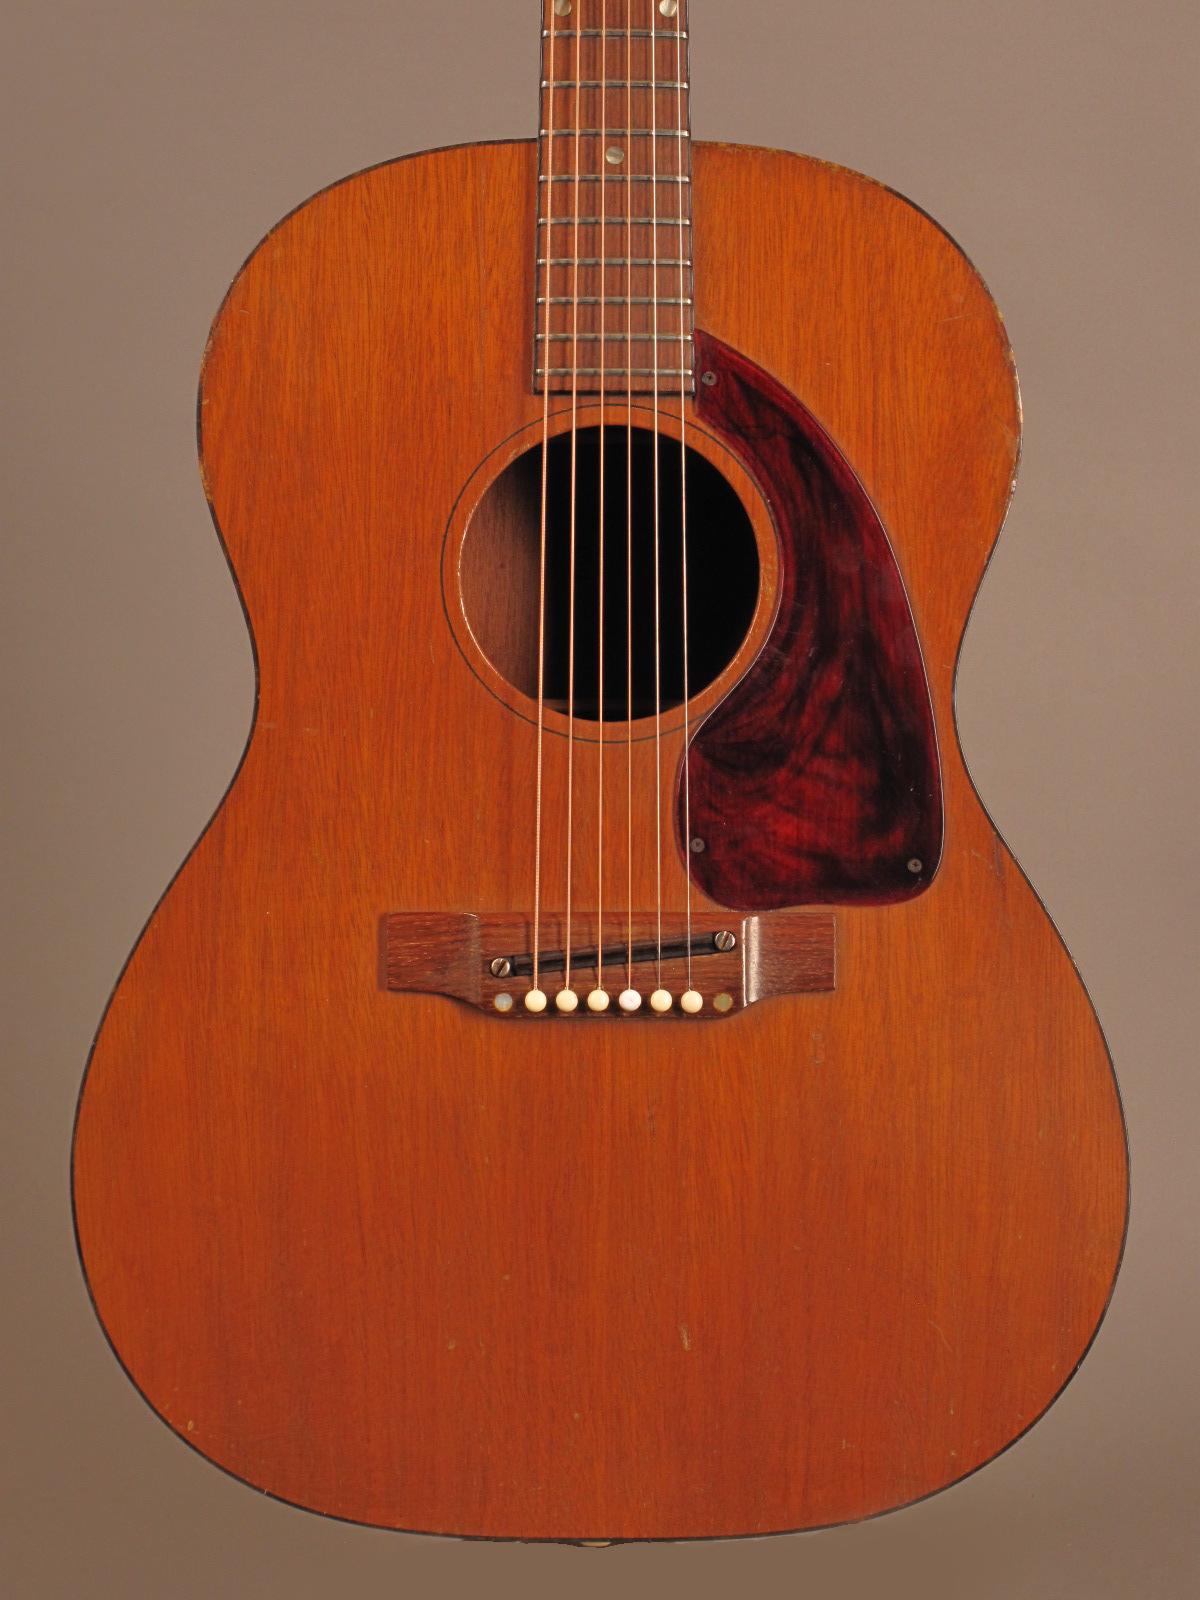 1968 Gibson LG-0 - Natural